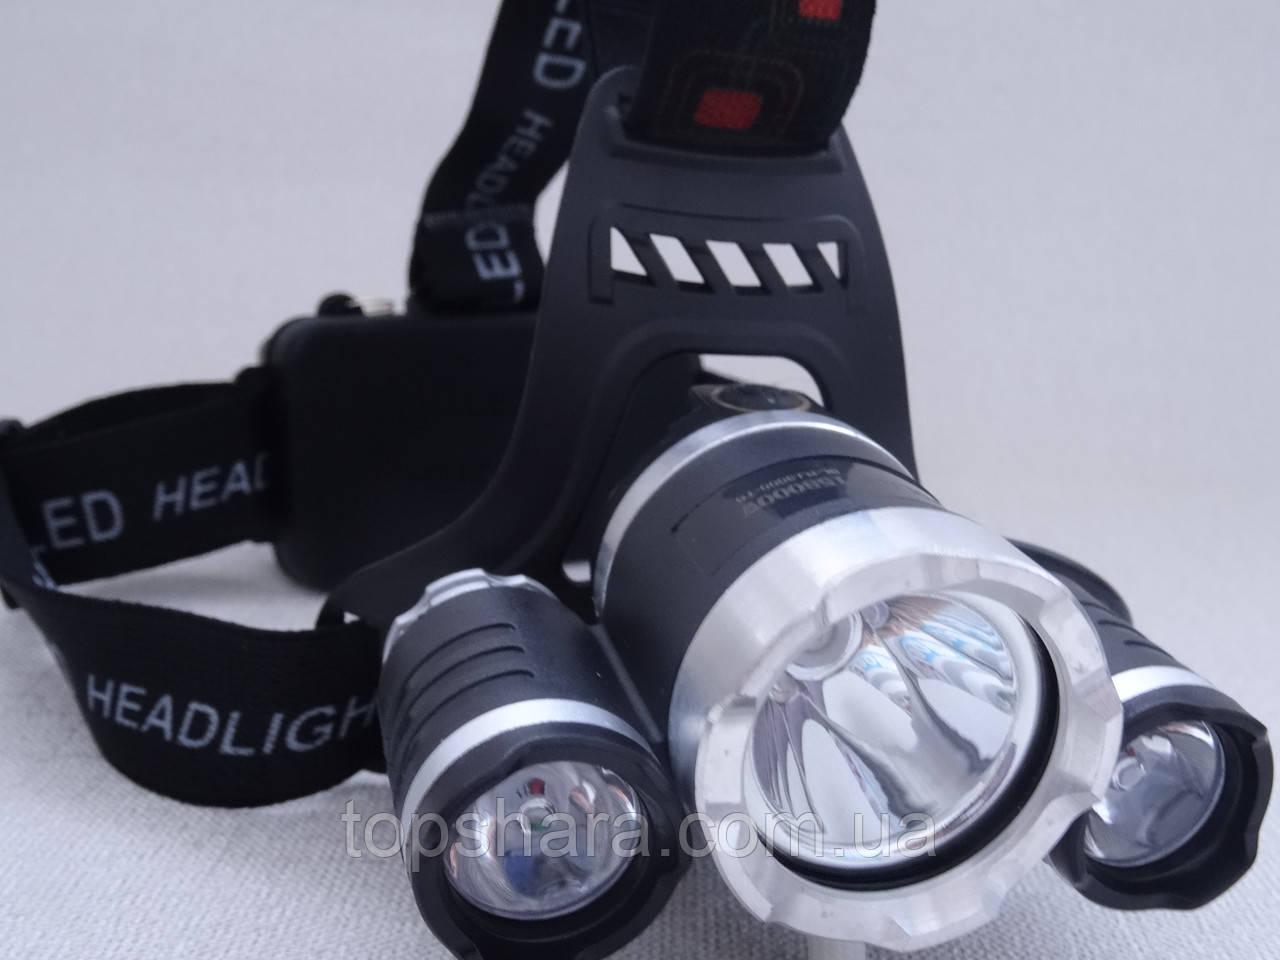 Головной фонарик Police BL RJ-3000 T6 диод +2 Led Gree 158000W